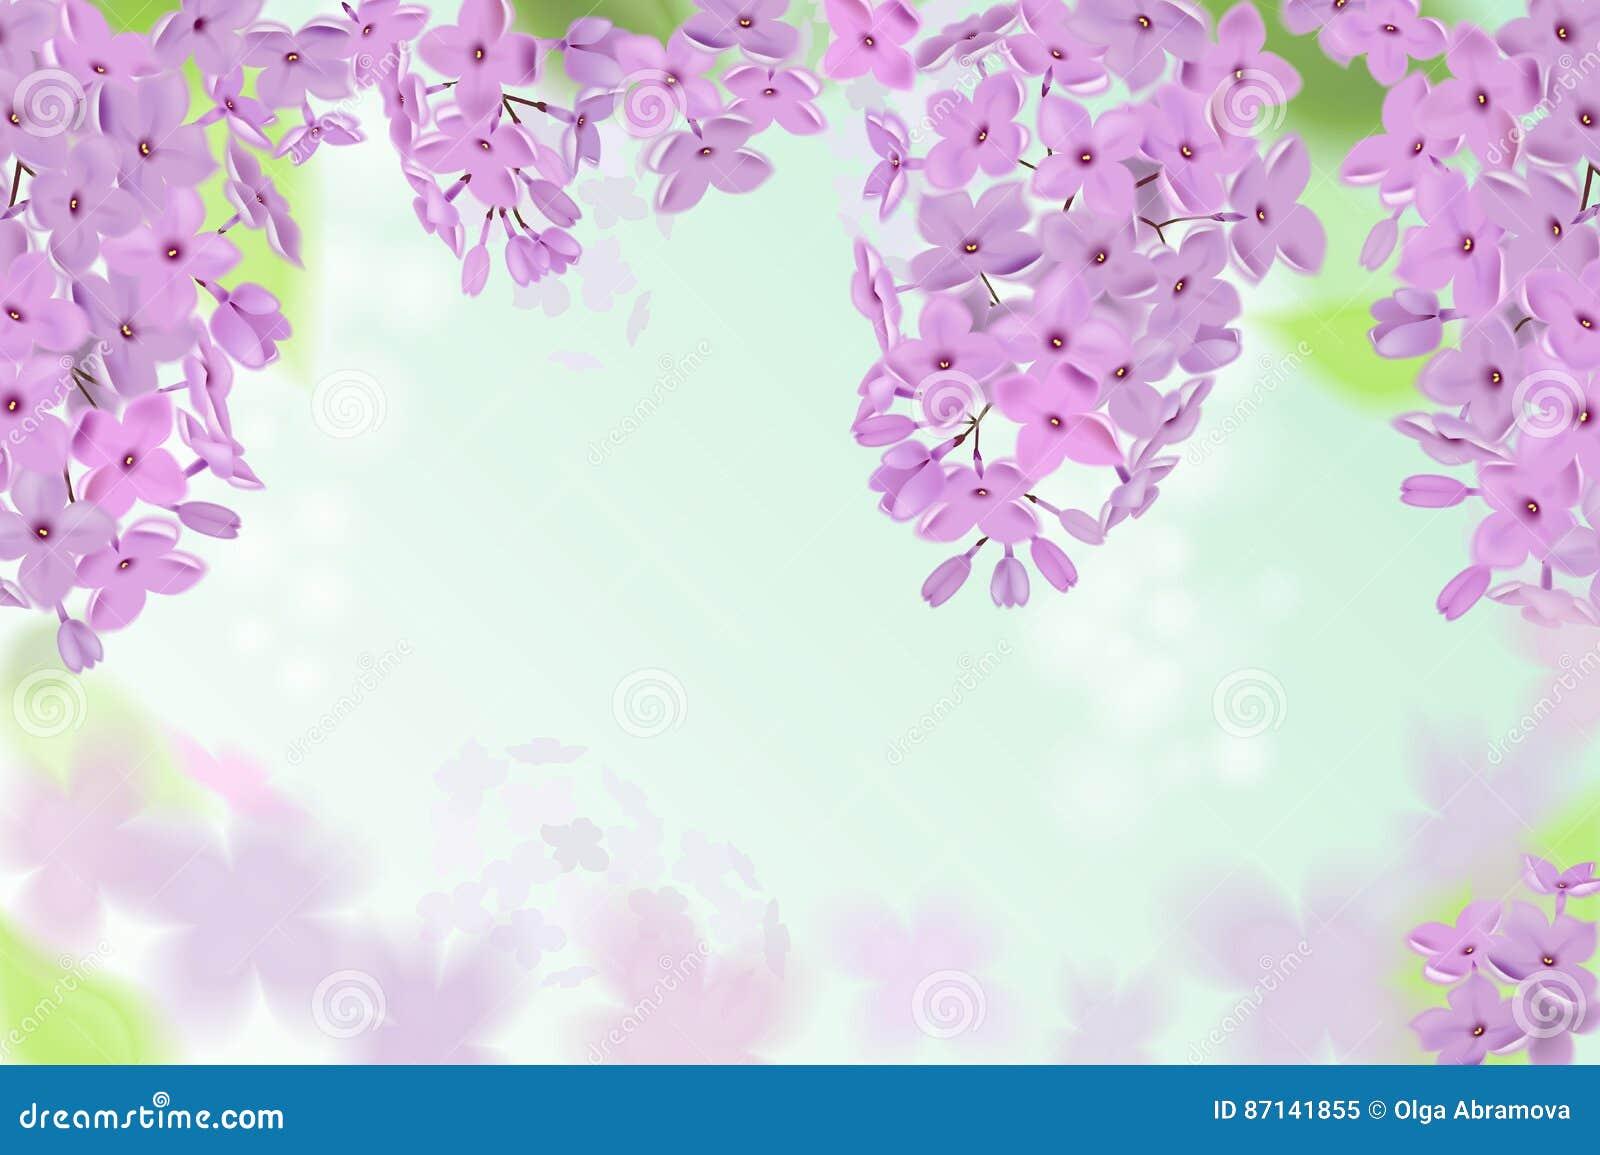 Grußkarte Mit Rosen, Aquarell, Kann Als Einladungskarte Für Die Heirat,  Geburtstag Und Anderer